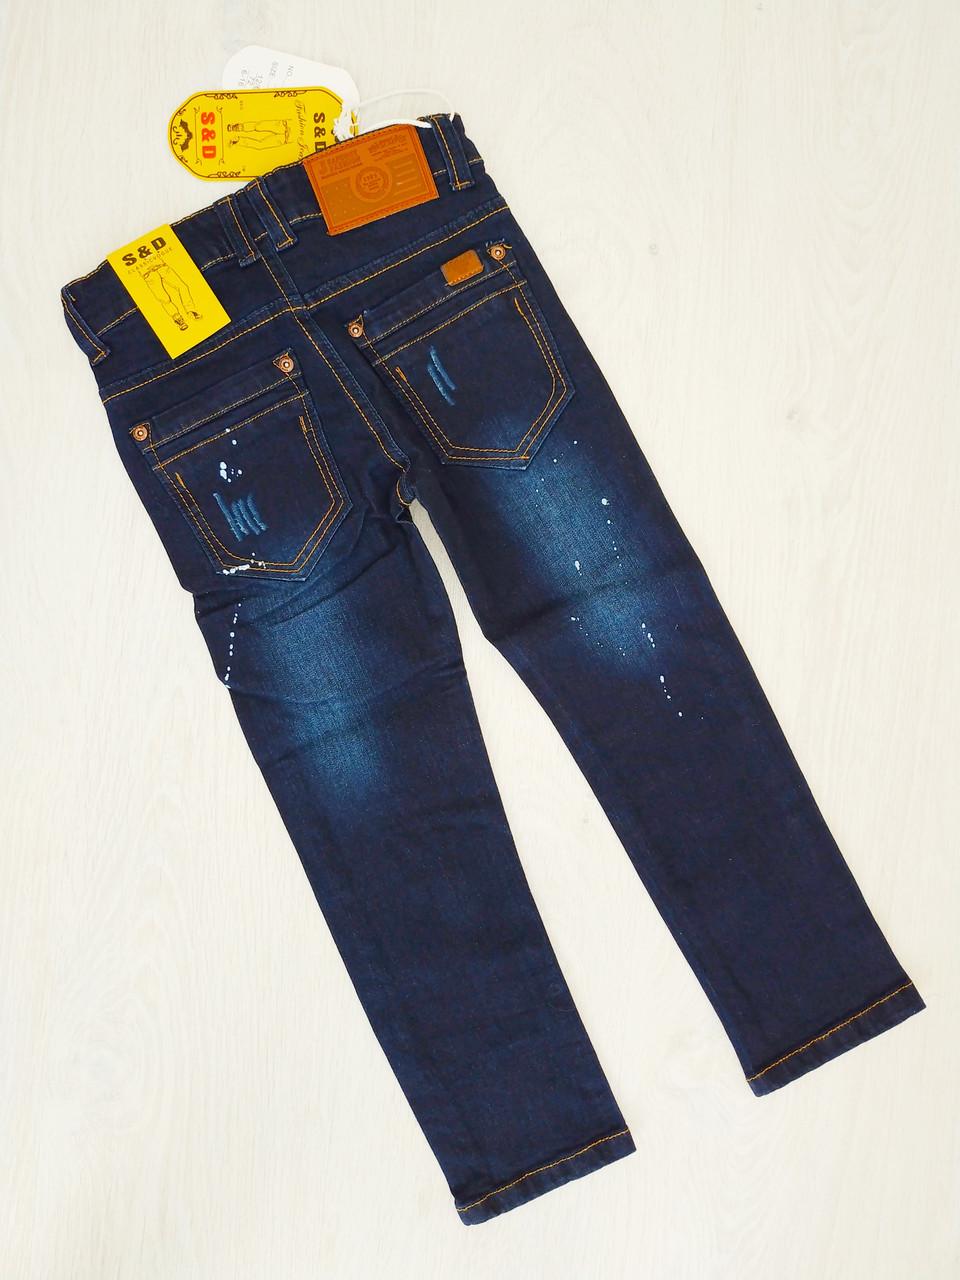 Джинсовые брюки для мальчиков, Венгрия, S&D, рр. 158, 14 лет., арт. LY-356